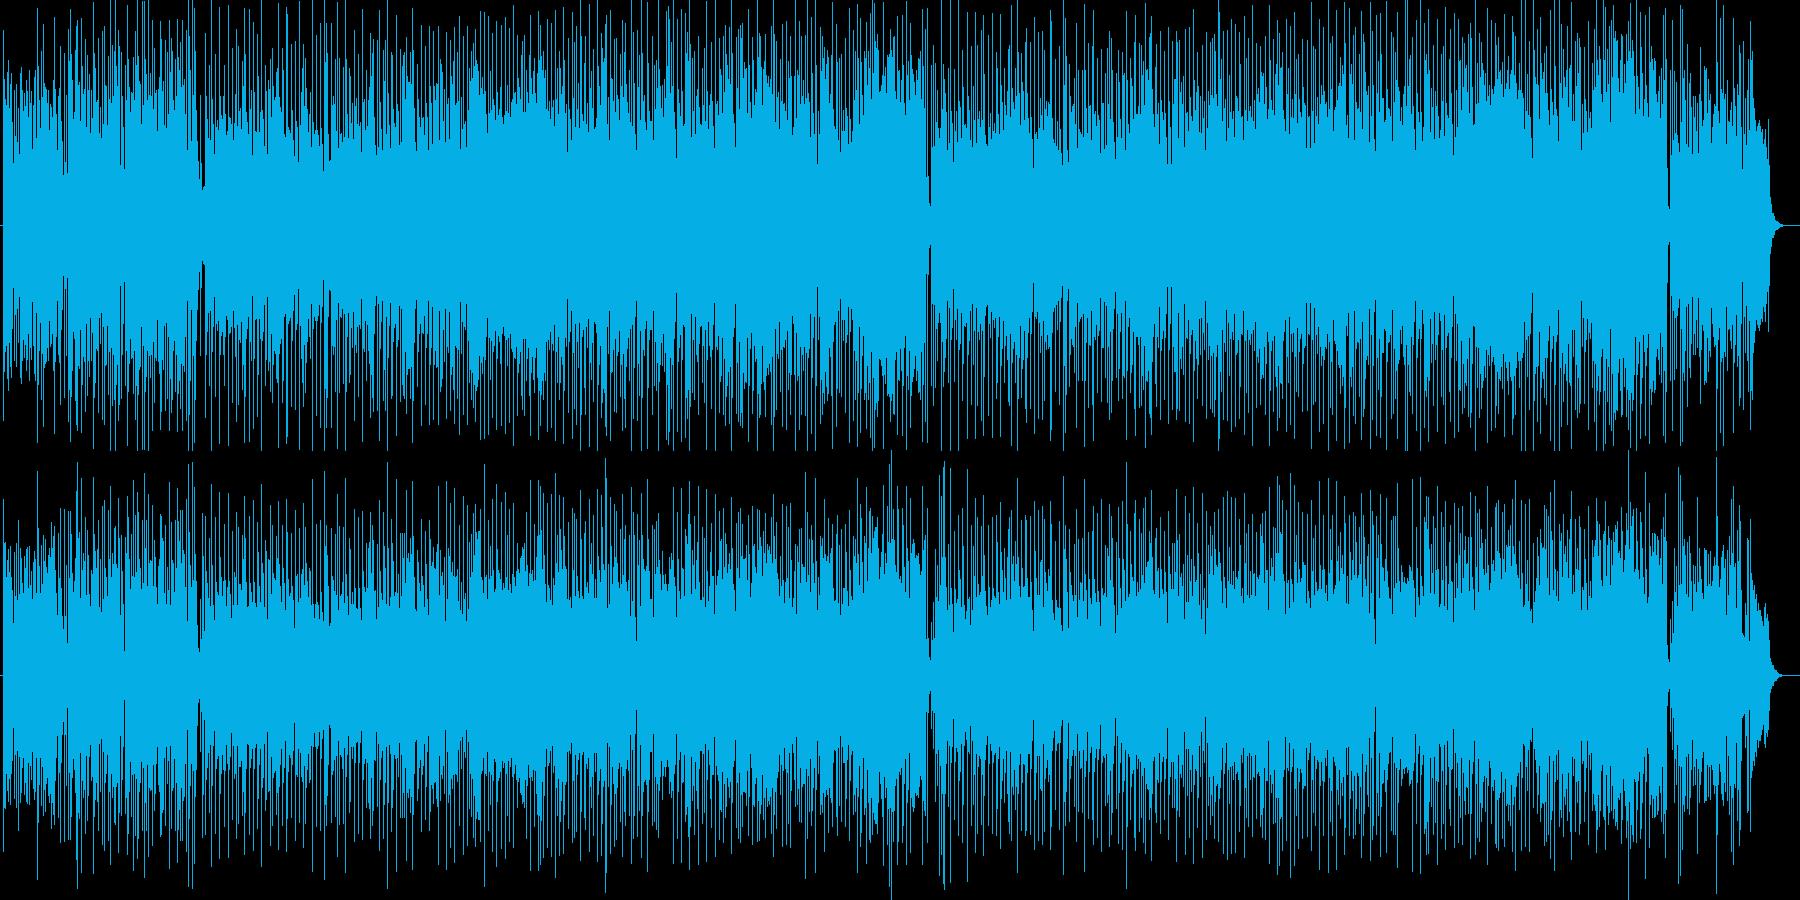 元気な朝のようなシンセサイザーポップスの再生済みの波形